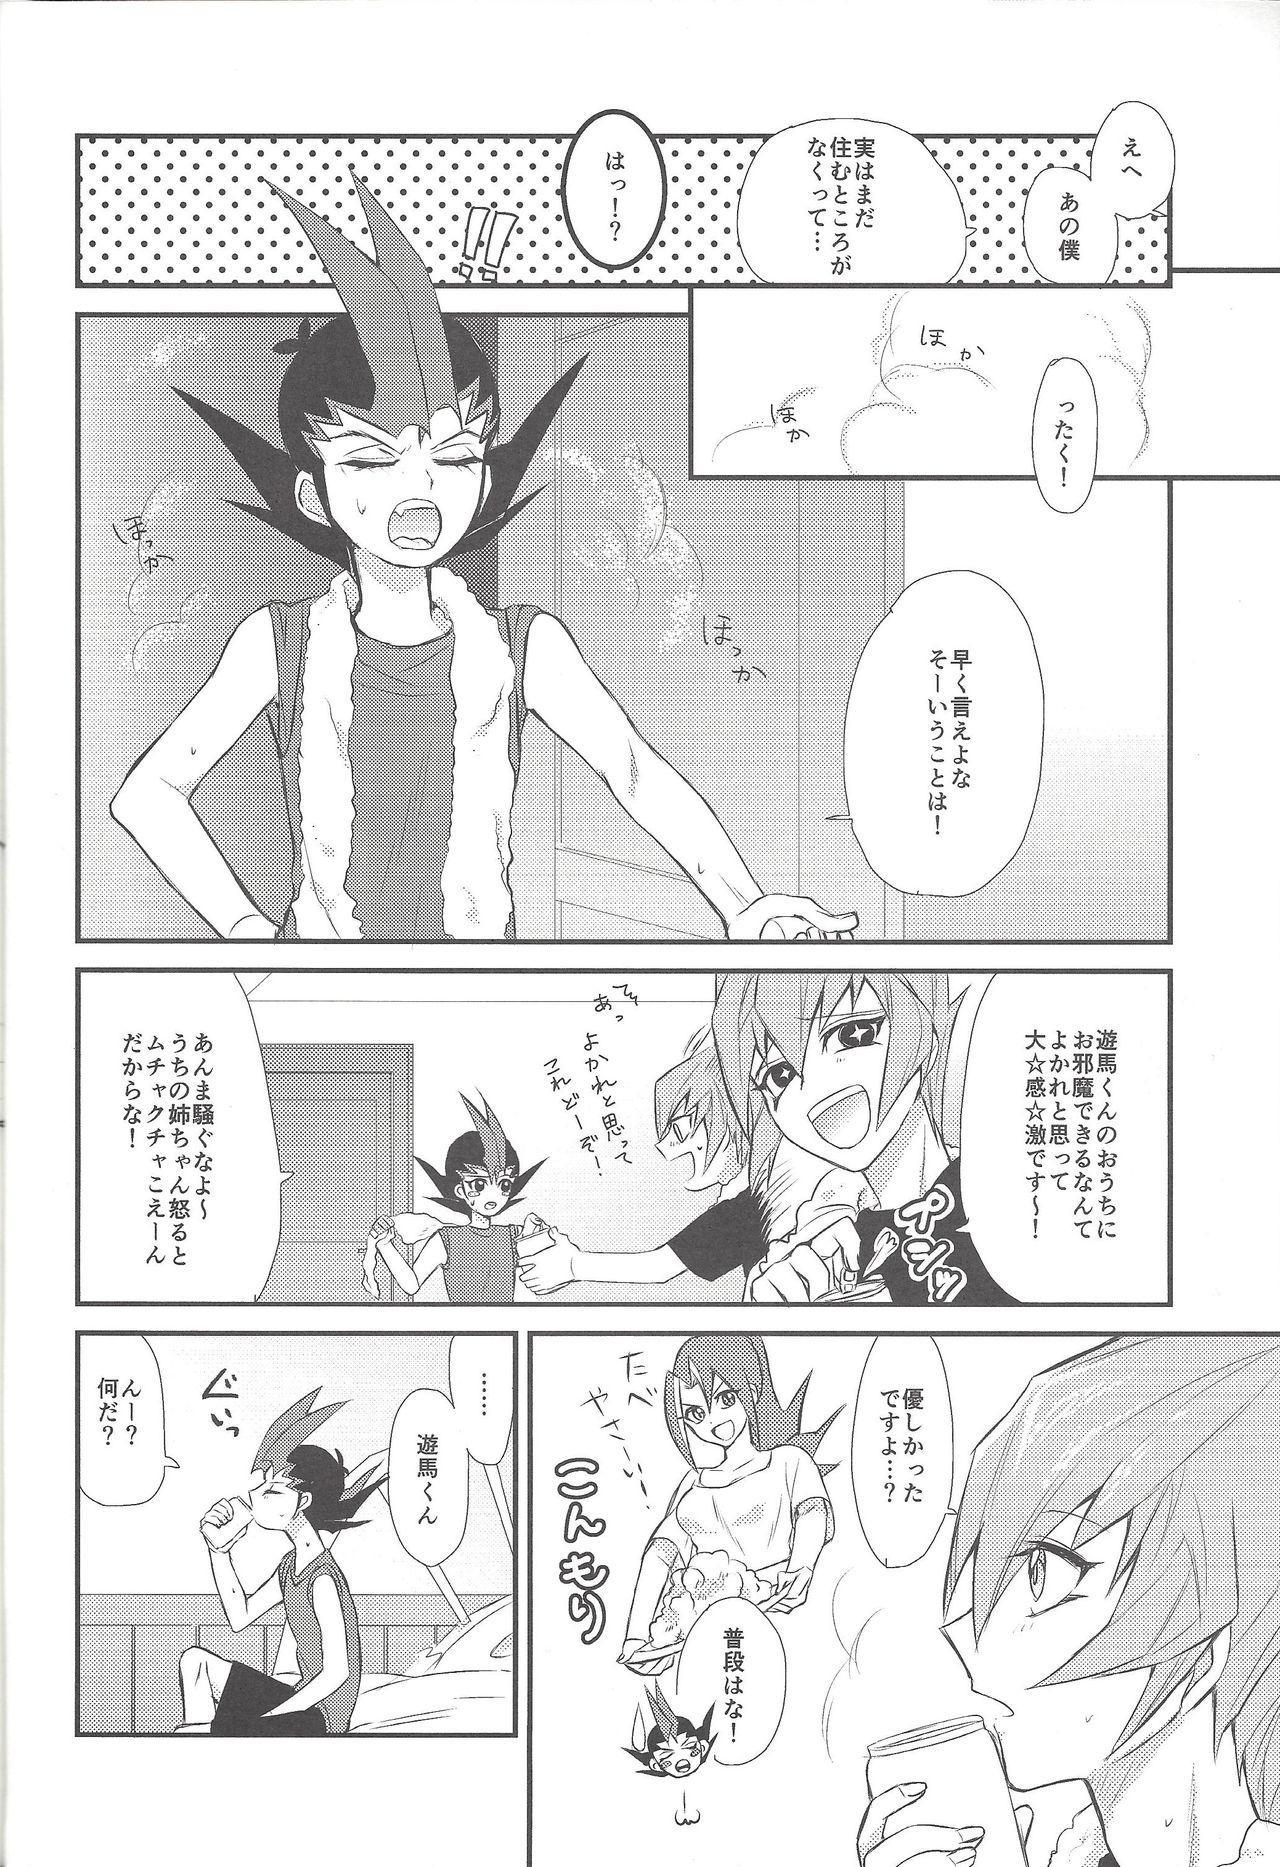 Aitsu wa okashī 4